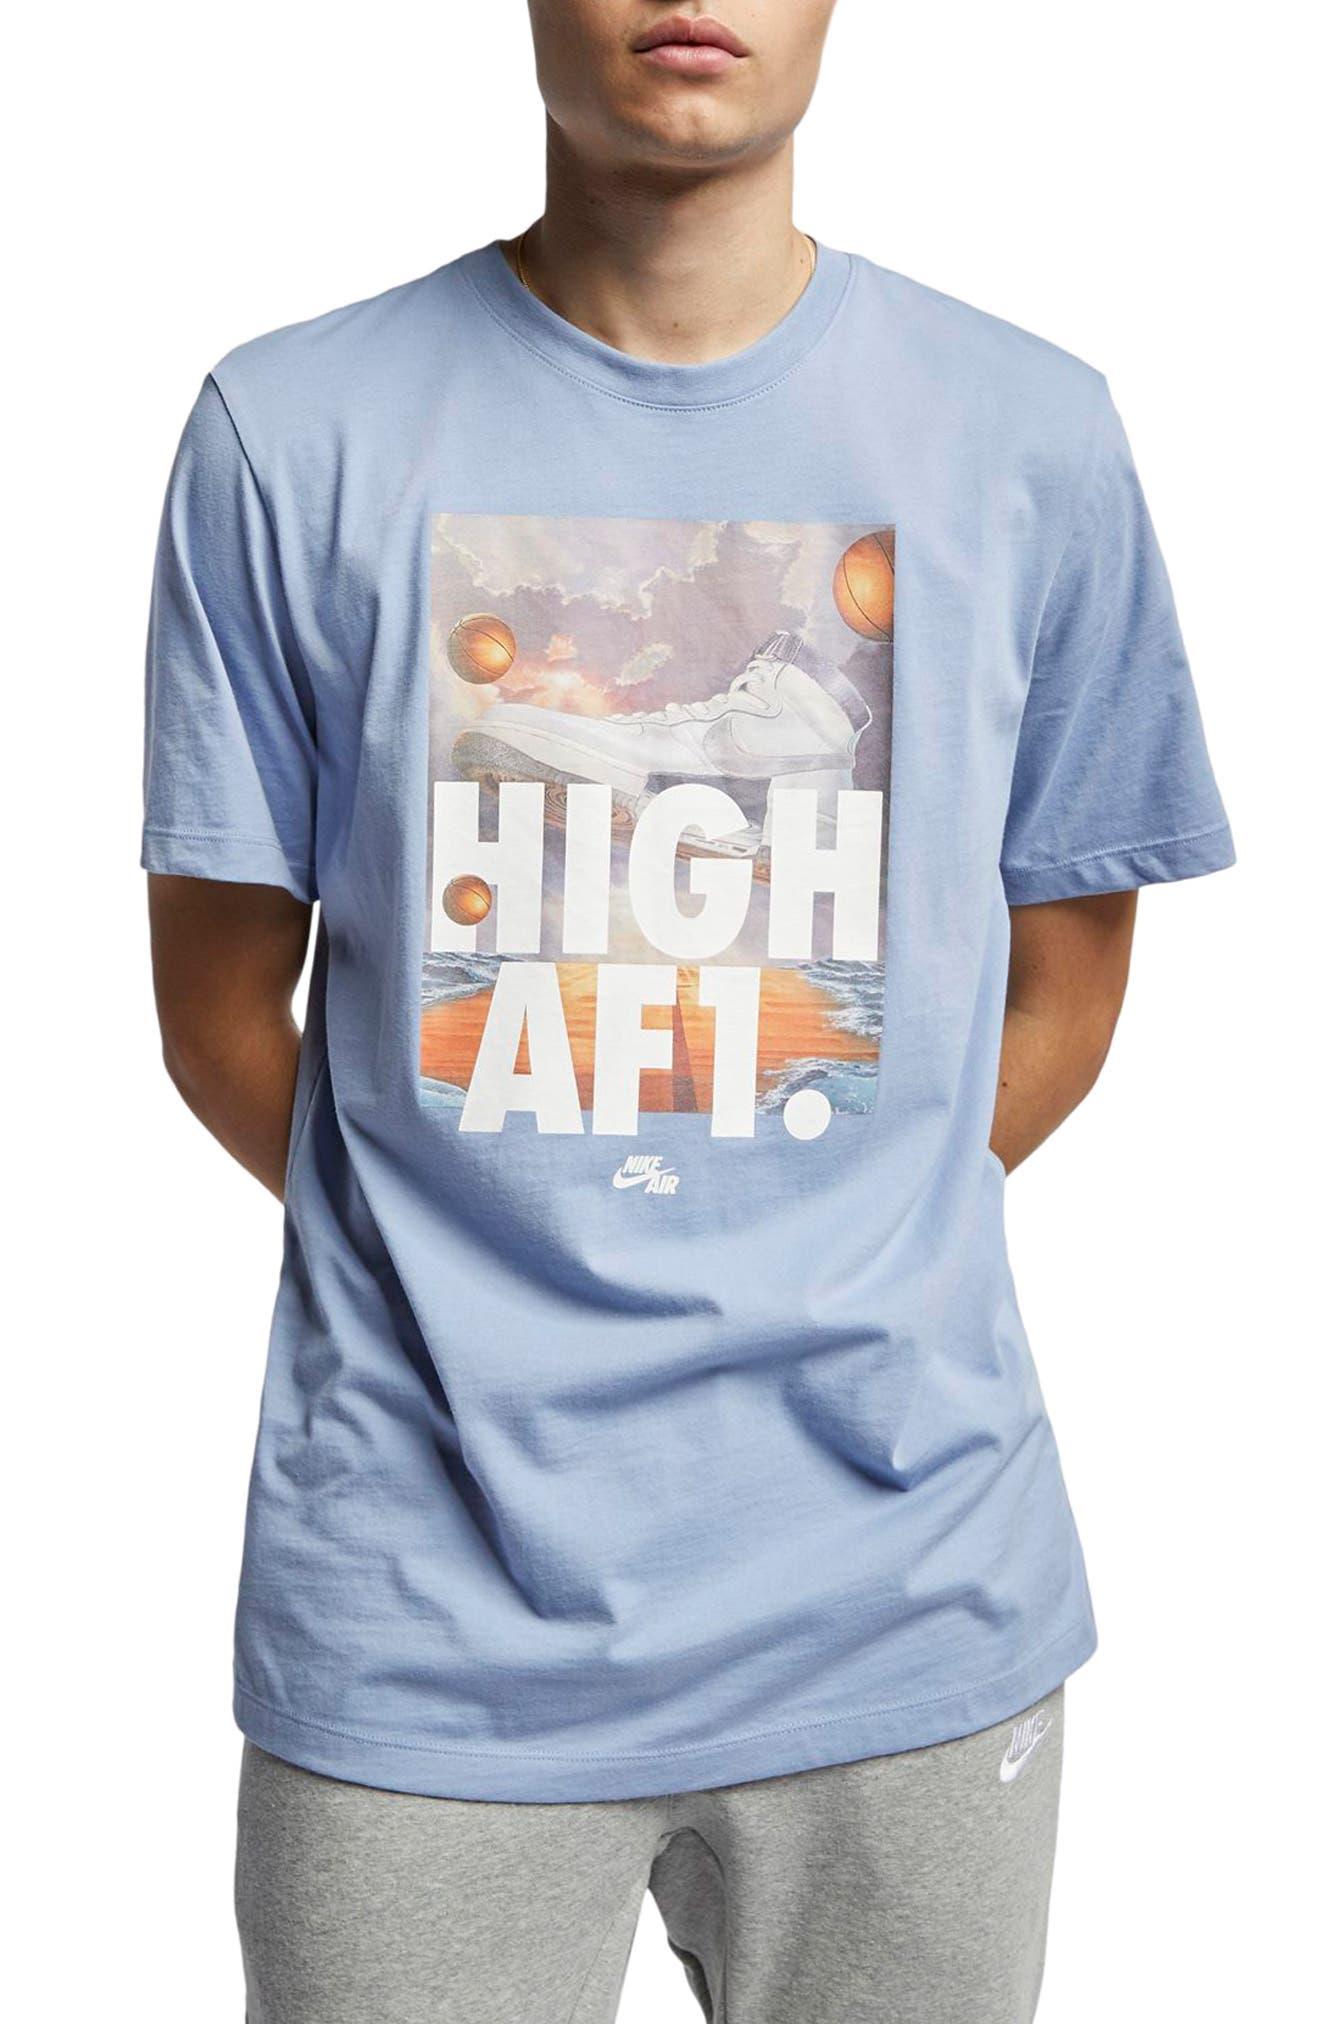 Nike Air Force 1 T-Shirt Blue